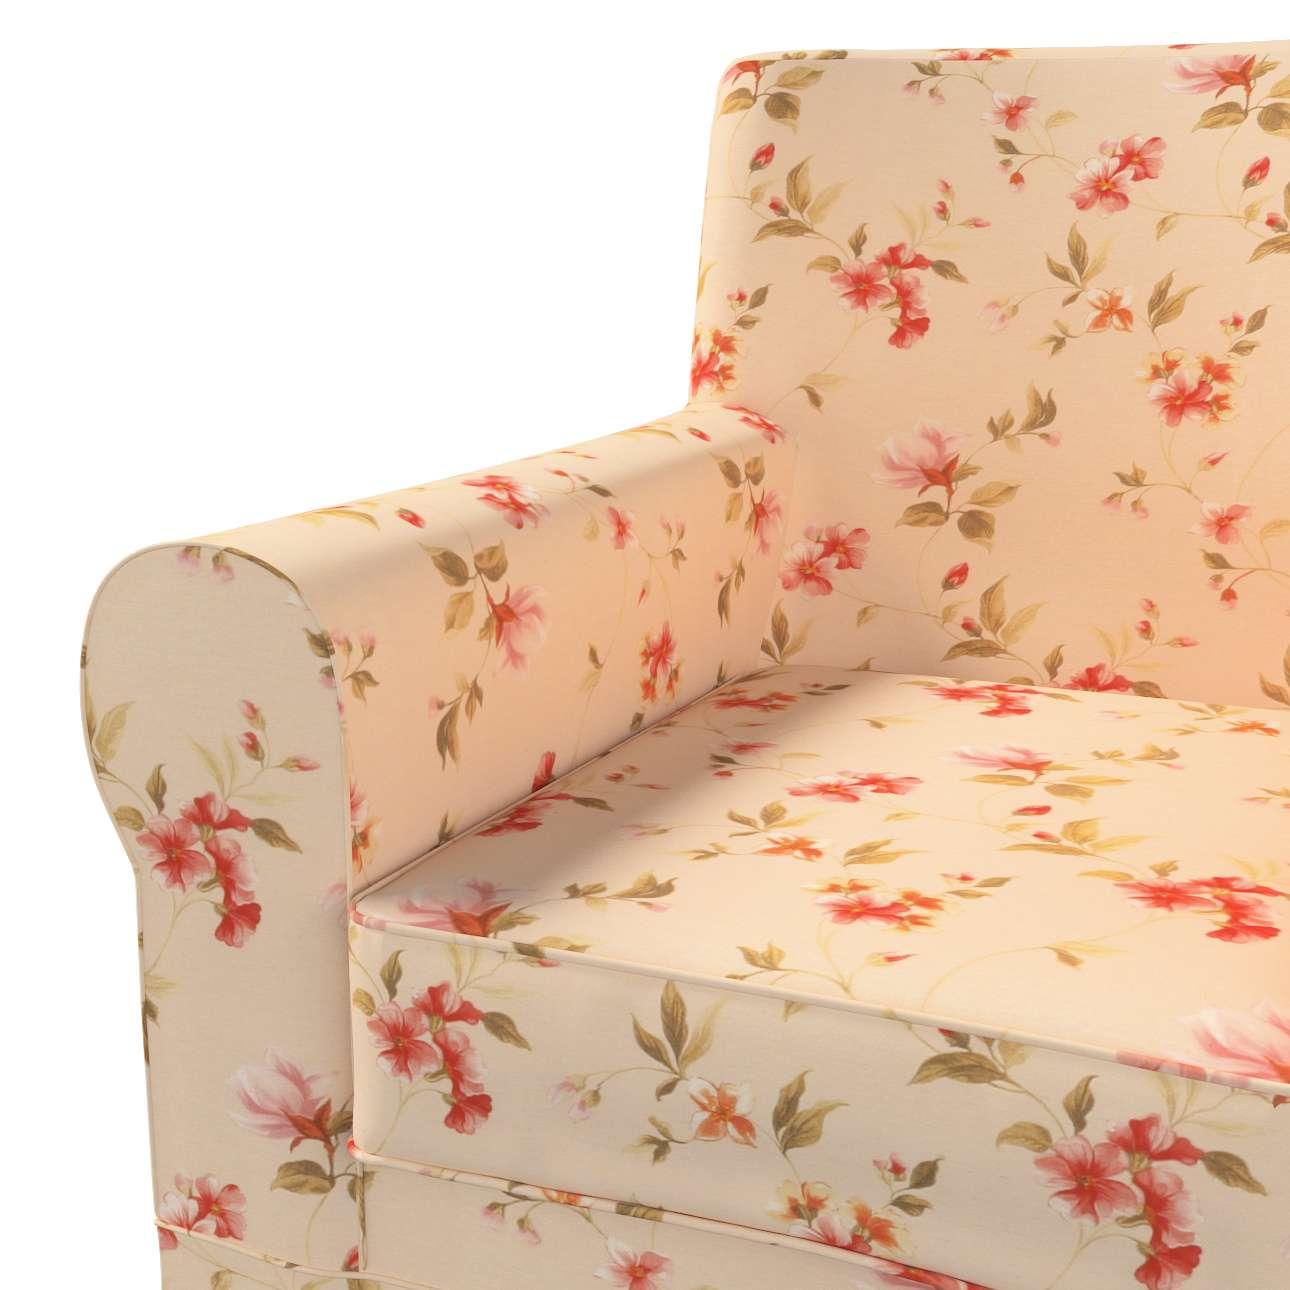 Ektorp Jennylund Sesselbezug von der Kollektion Londres, Stoff: 124-05